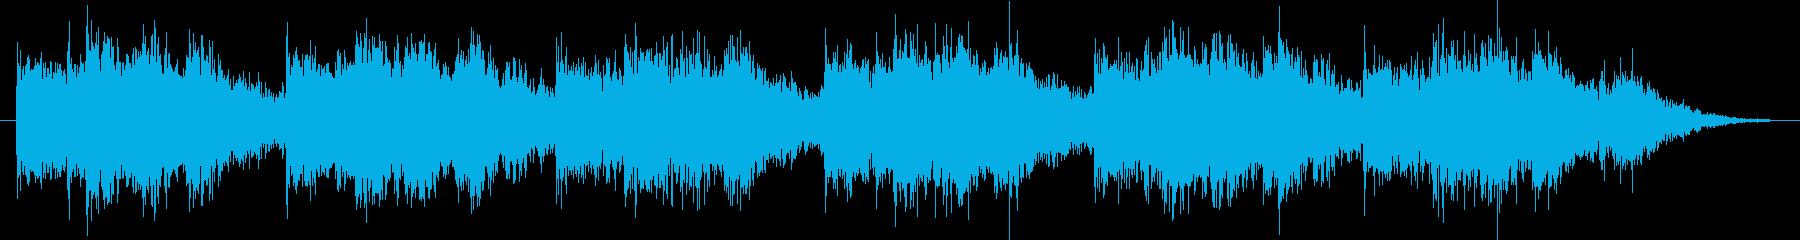 ホラー系アンビエントなサウンドの再生済みの波形